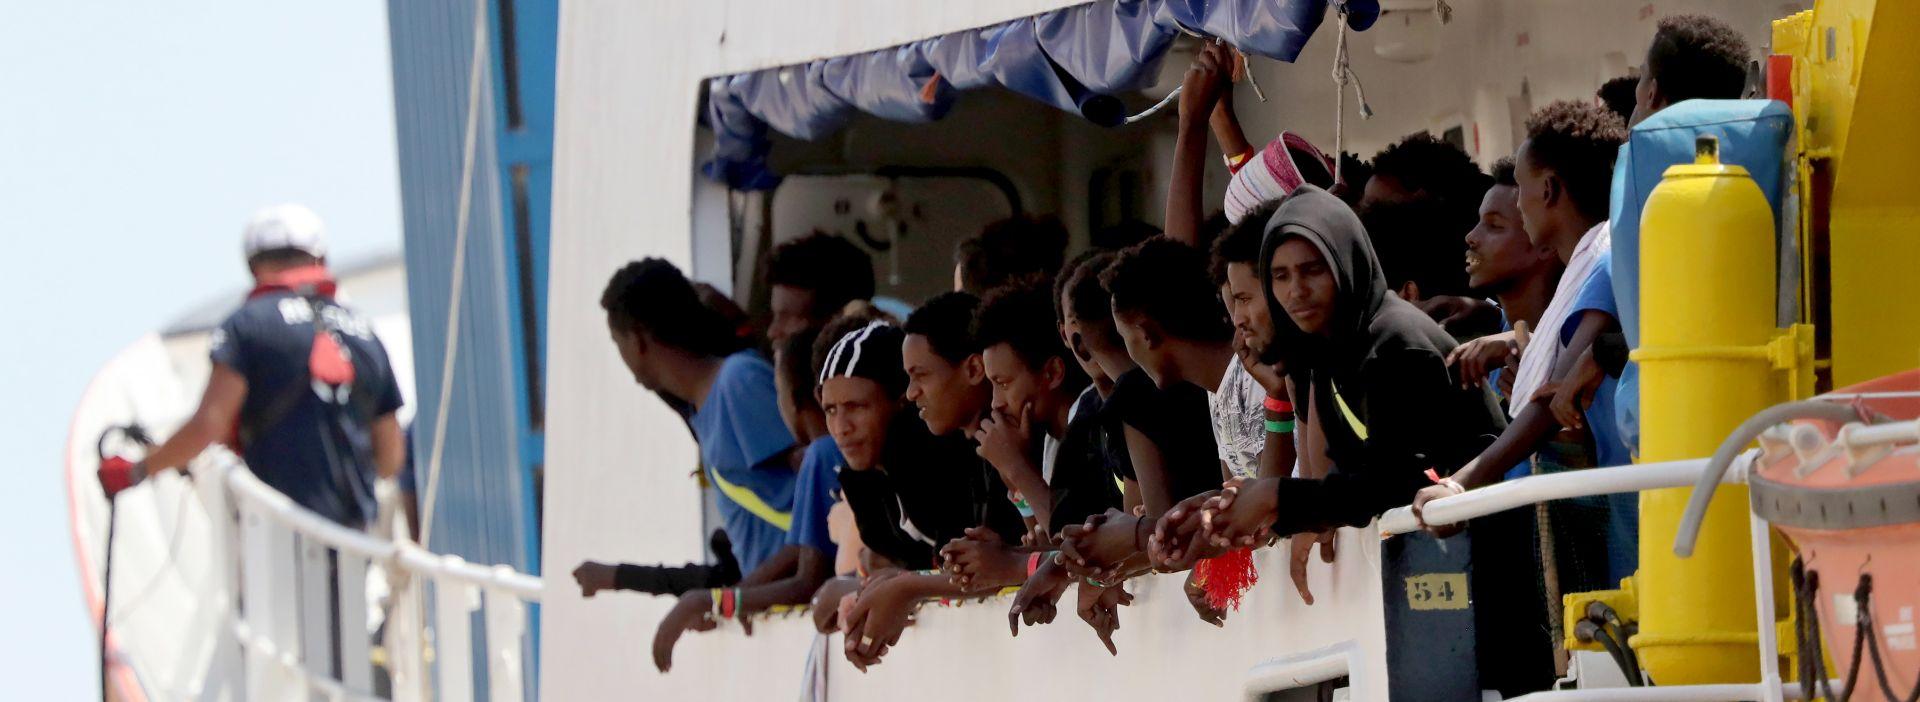 TURSKA U nesreći kamiona s migrantima 19 mrtvih